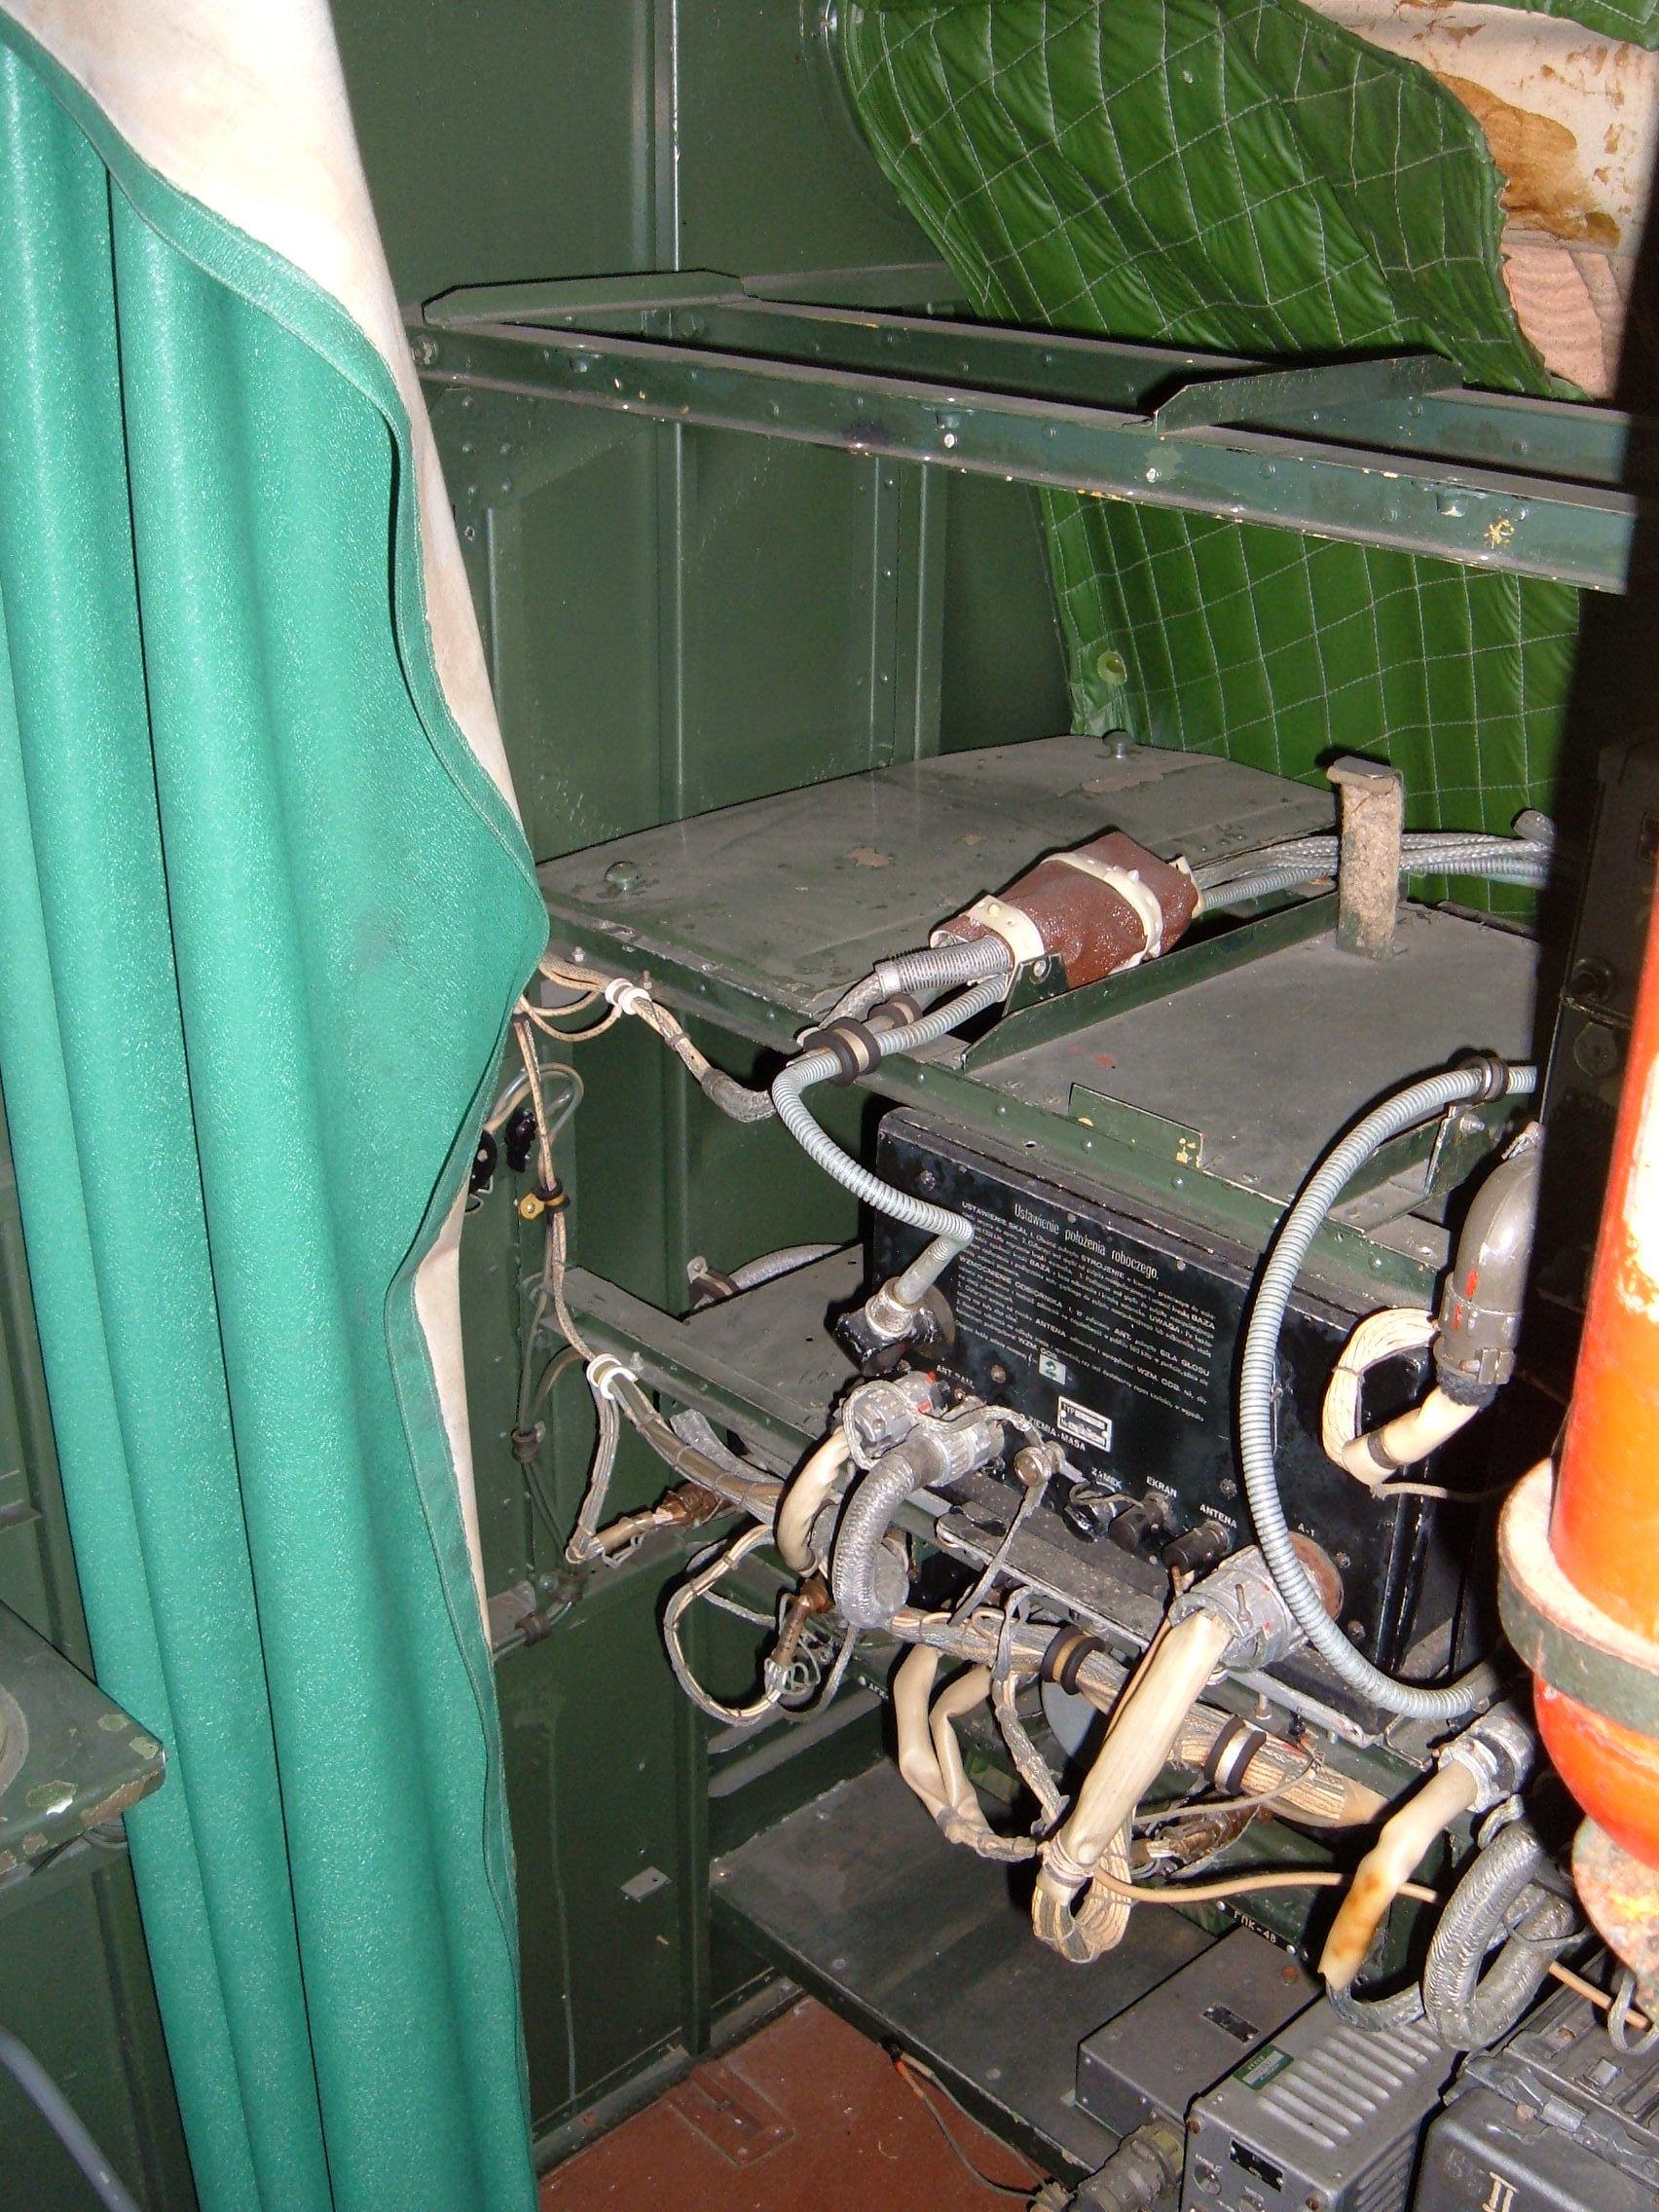 Ilyushin_Il-14_cockpit_equipment_shelves